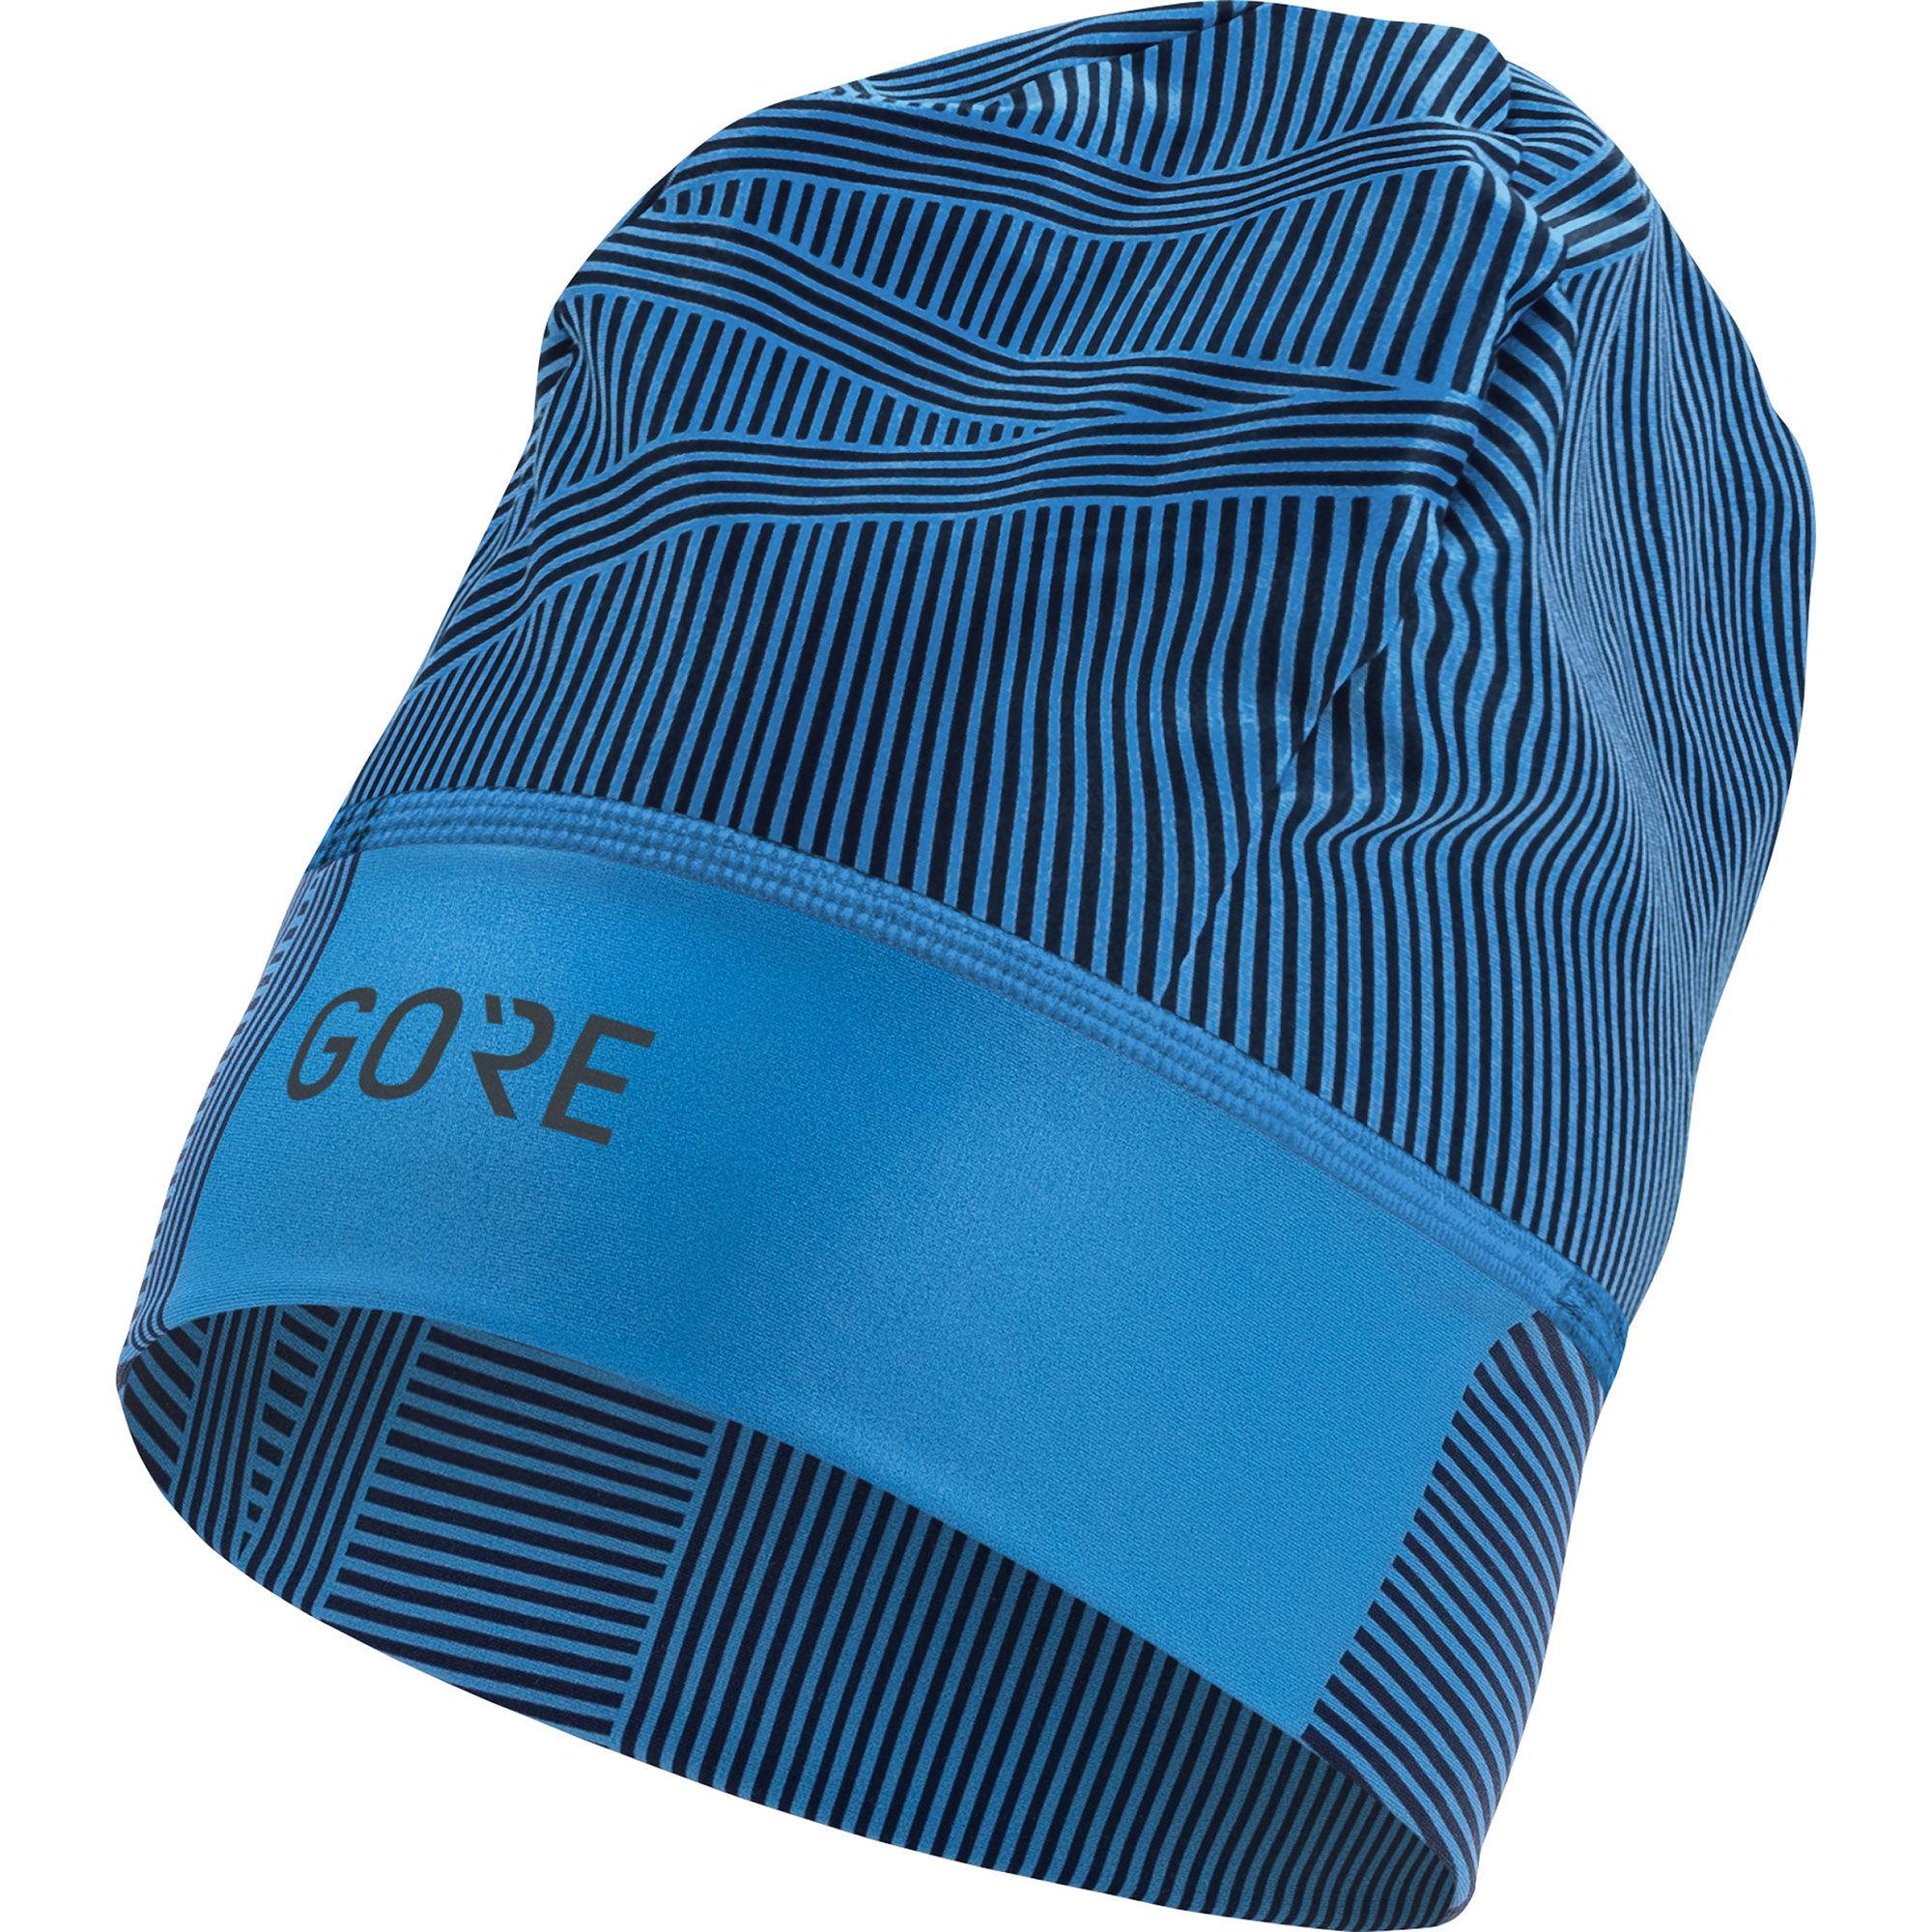 Gore Light Opti Beanie (Blau)